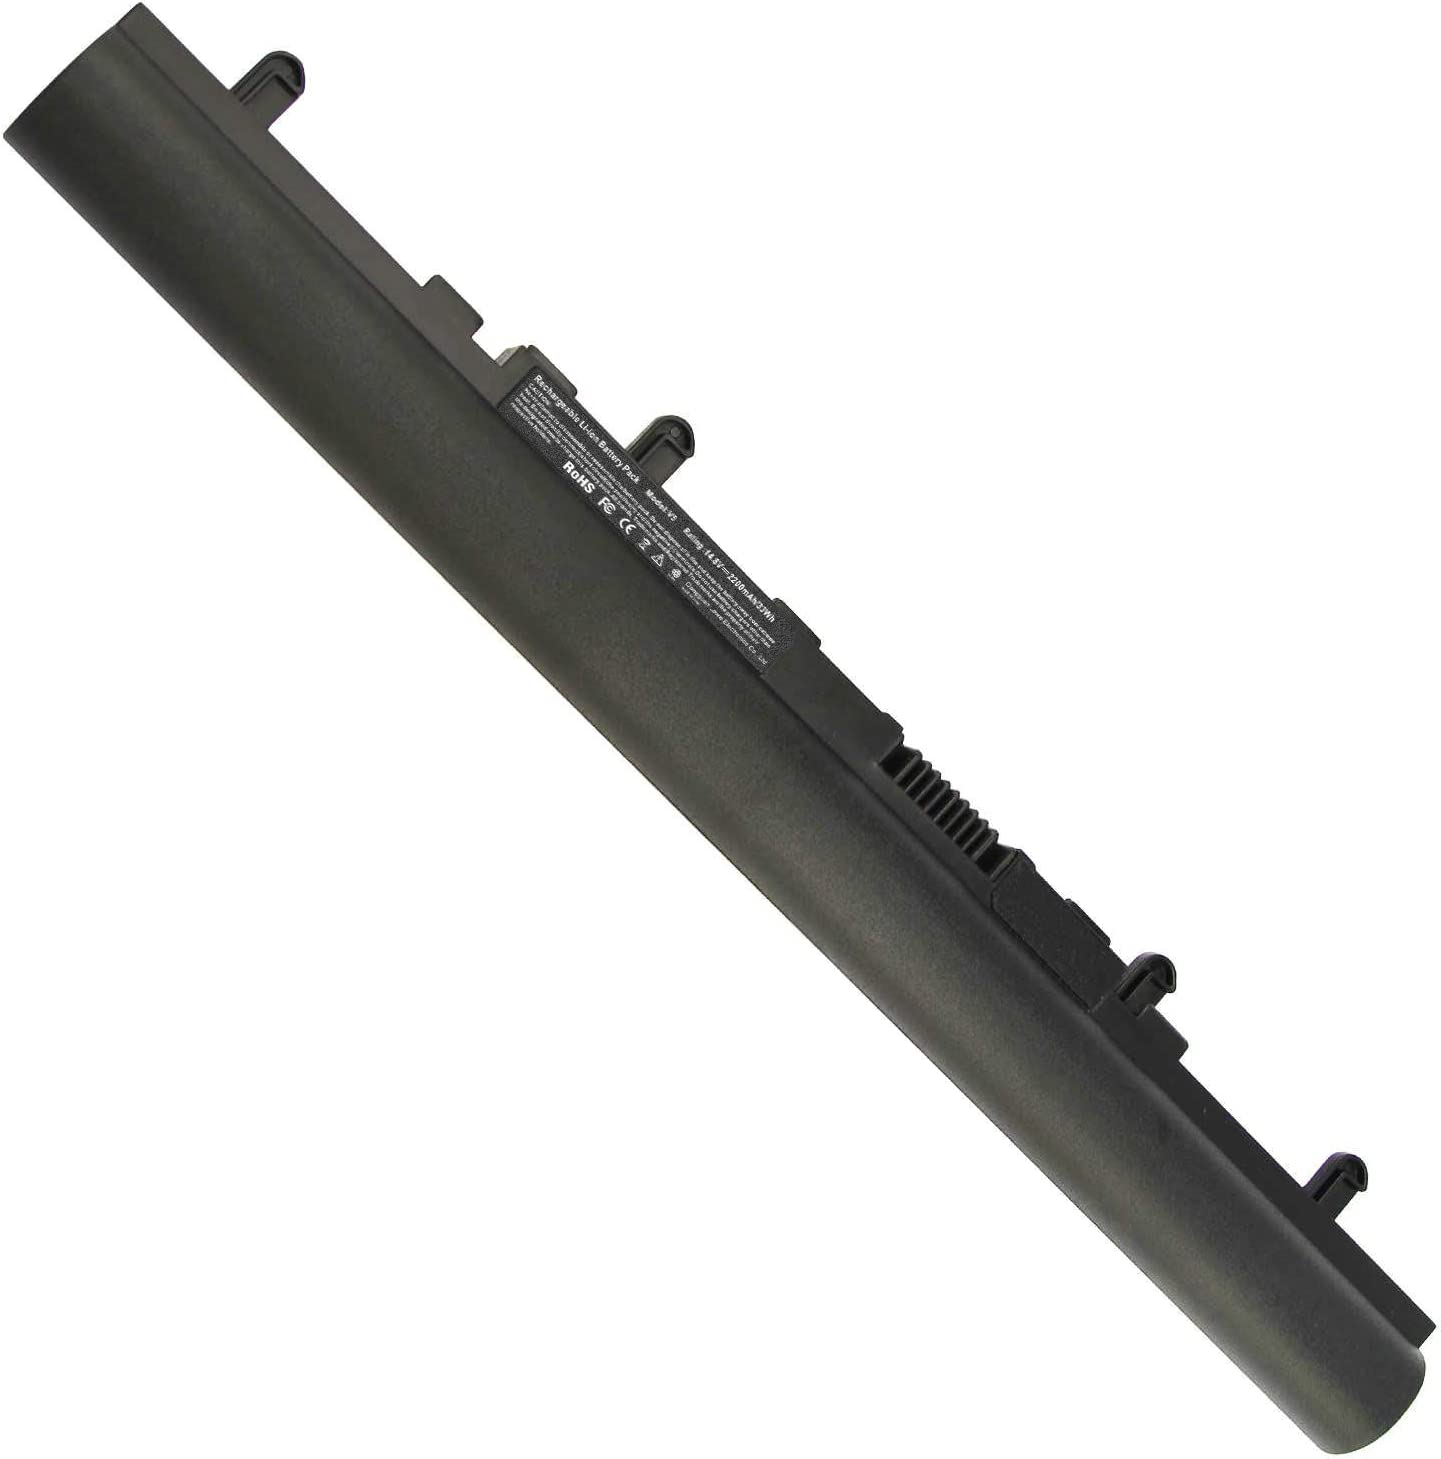 Laptop Battery Compatible ACER Aspire V5-431 V5-471 V5-531 V5-571 V5-431G/P V5-471G/P V5-531G/P V5-571G/P, PN: AL12A32, 4ICR17/65, 2200mAh/14.8V/4 Cell